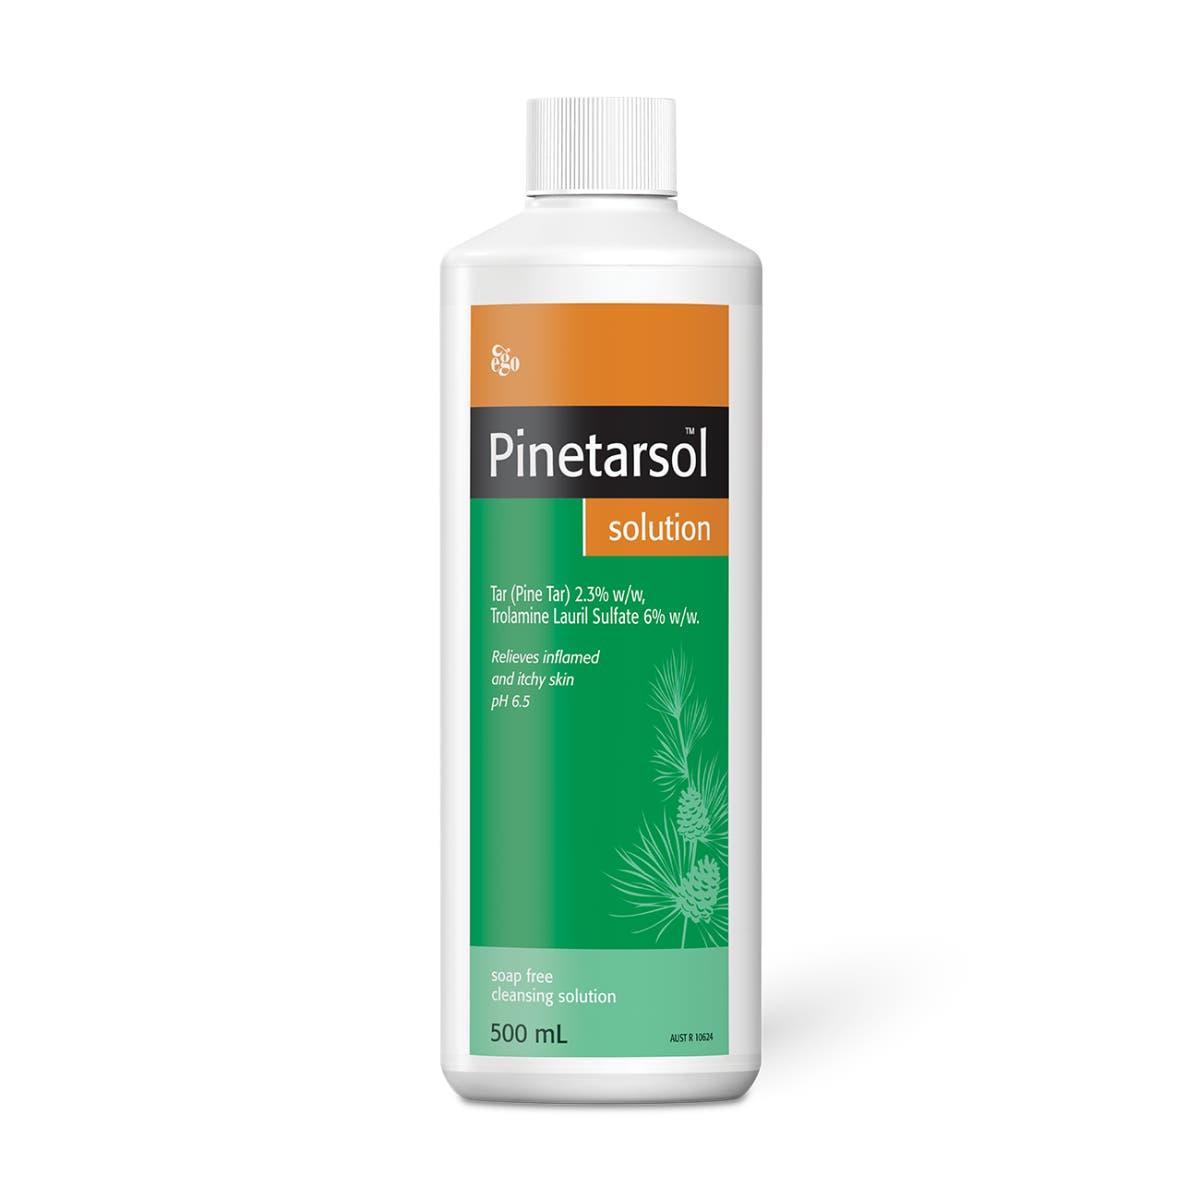 Pinetarsol Solution